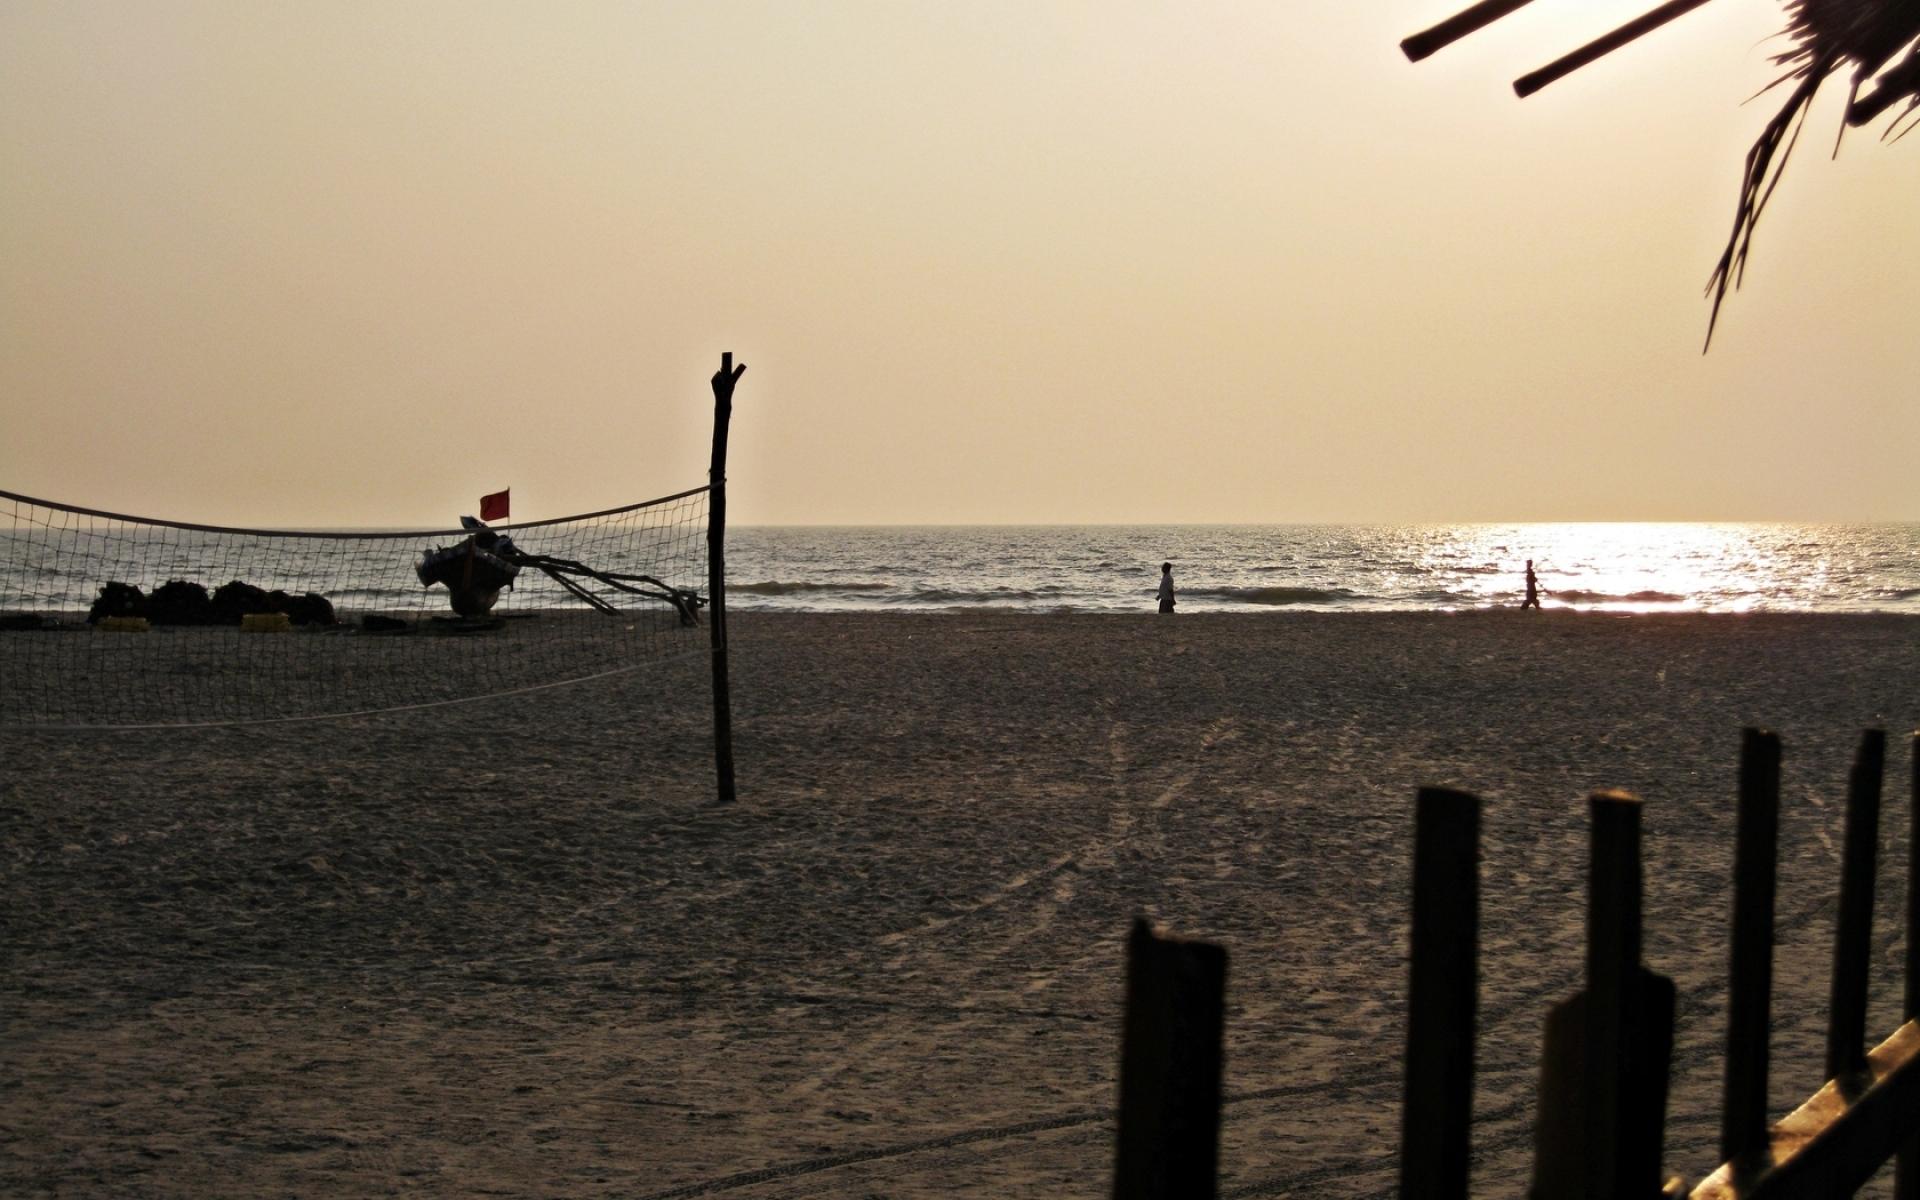 Картинки Пляж, песок, сетка, побережье фото и обои на рабочий стол